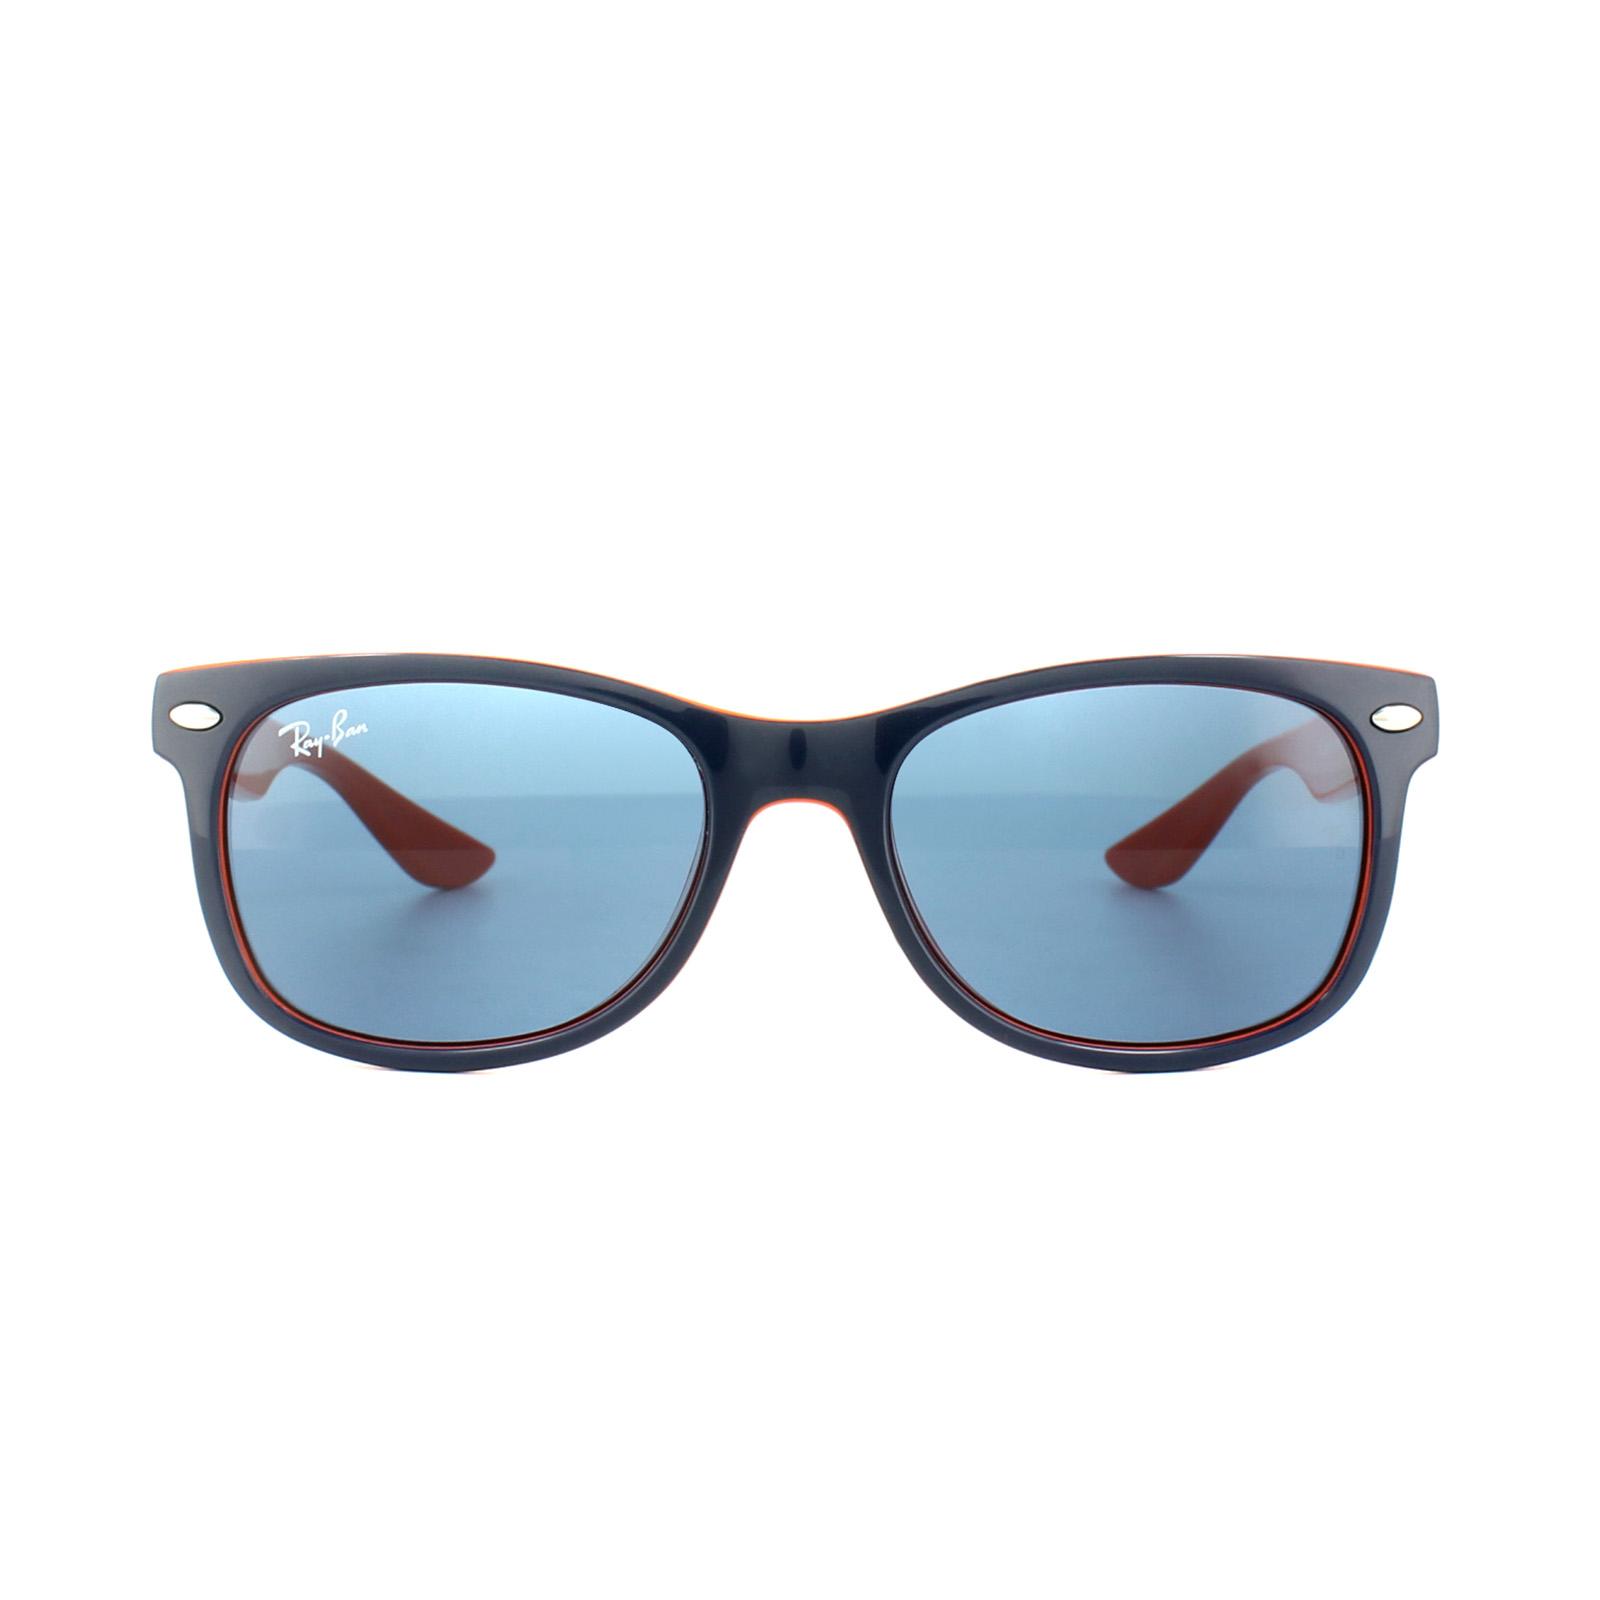 2c31530bc015c Sentinel Ray-Ban Junior Sunglasses 9052 178 80 Dark Blue   Orange Blue